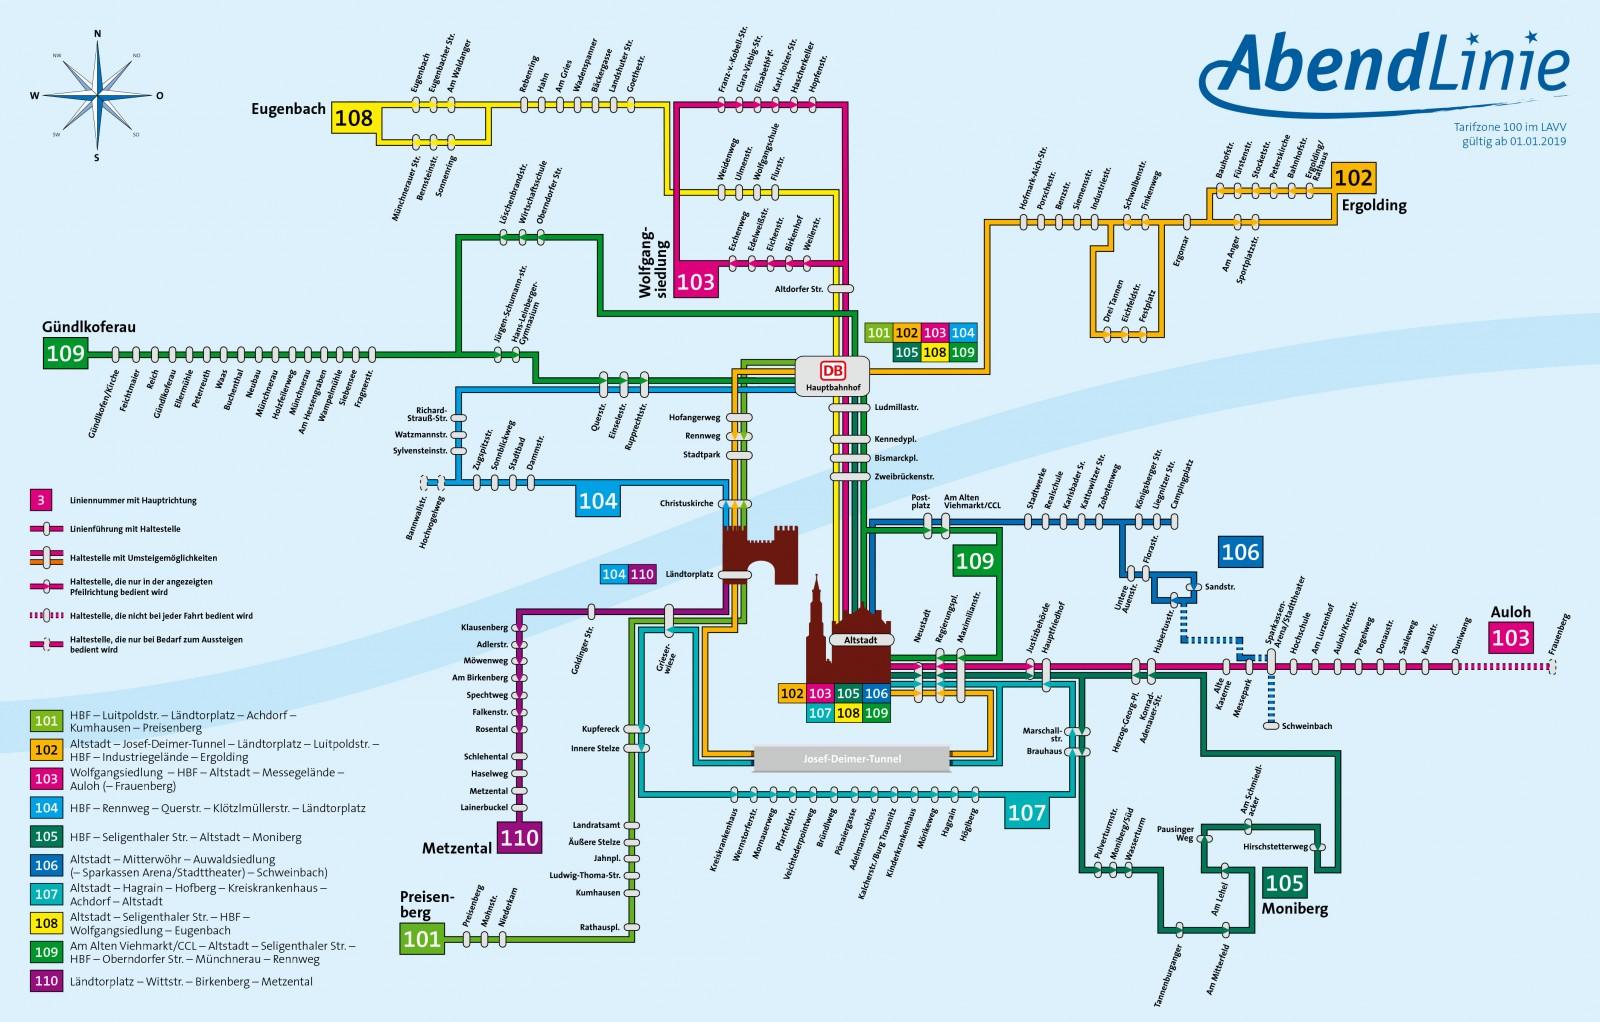 Liniennetzplan Abendlinie